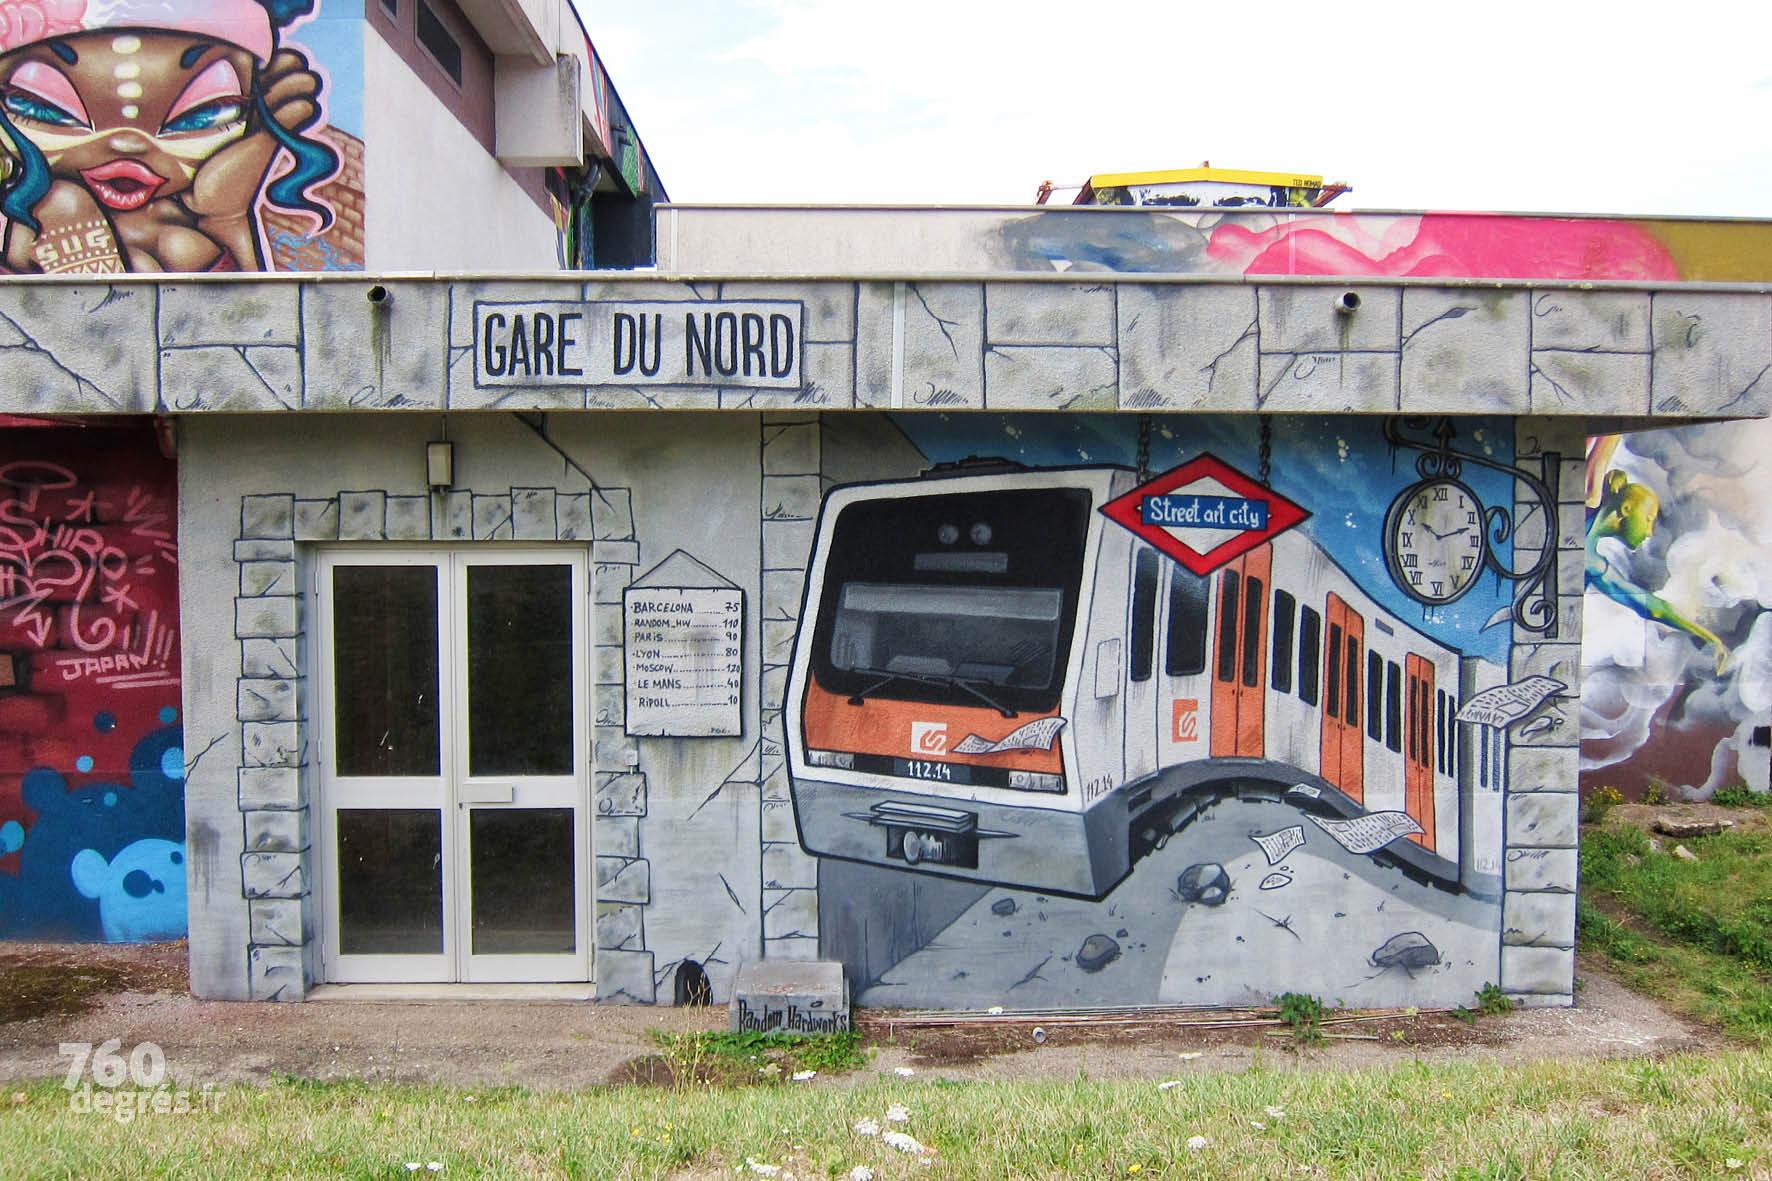 """SATER (Espagne) """"Ferro Caril Generalitat de Catalunya"""" - Une représentation dynamique du métro barcelonais, à la fois puissante et pleine de détails."""